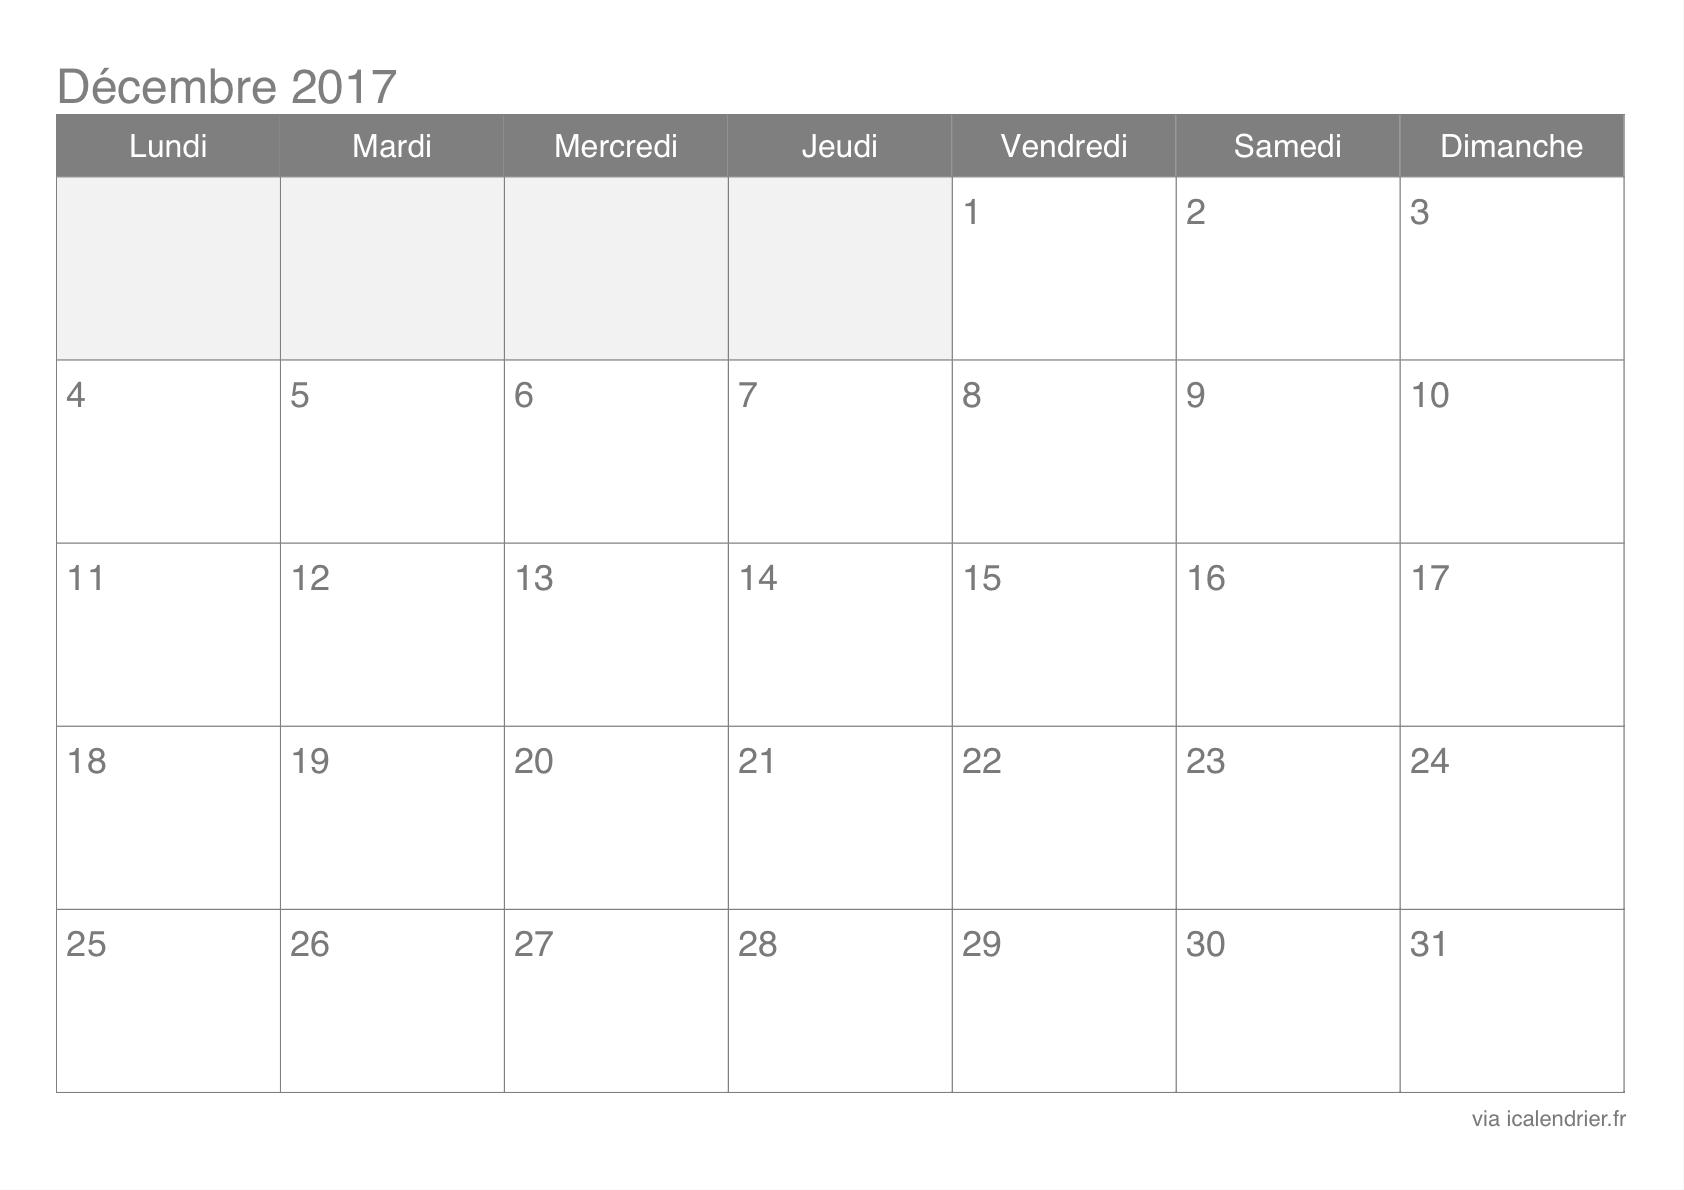 Calendrier Décembre 2017 À Imprimer - Icalendrier intérieur Calendrier 2017 Imprimable